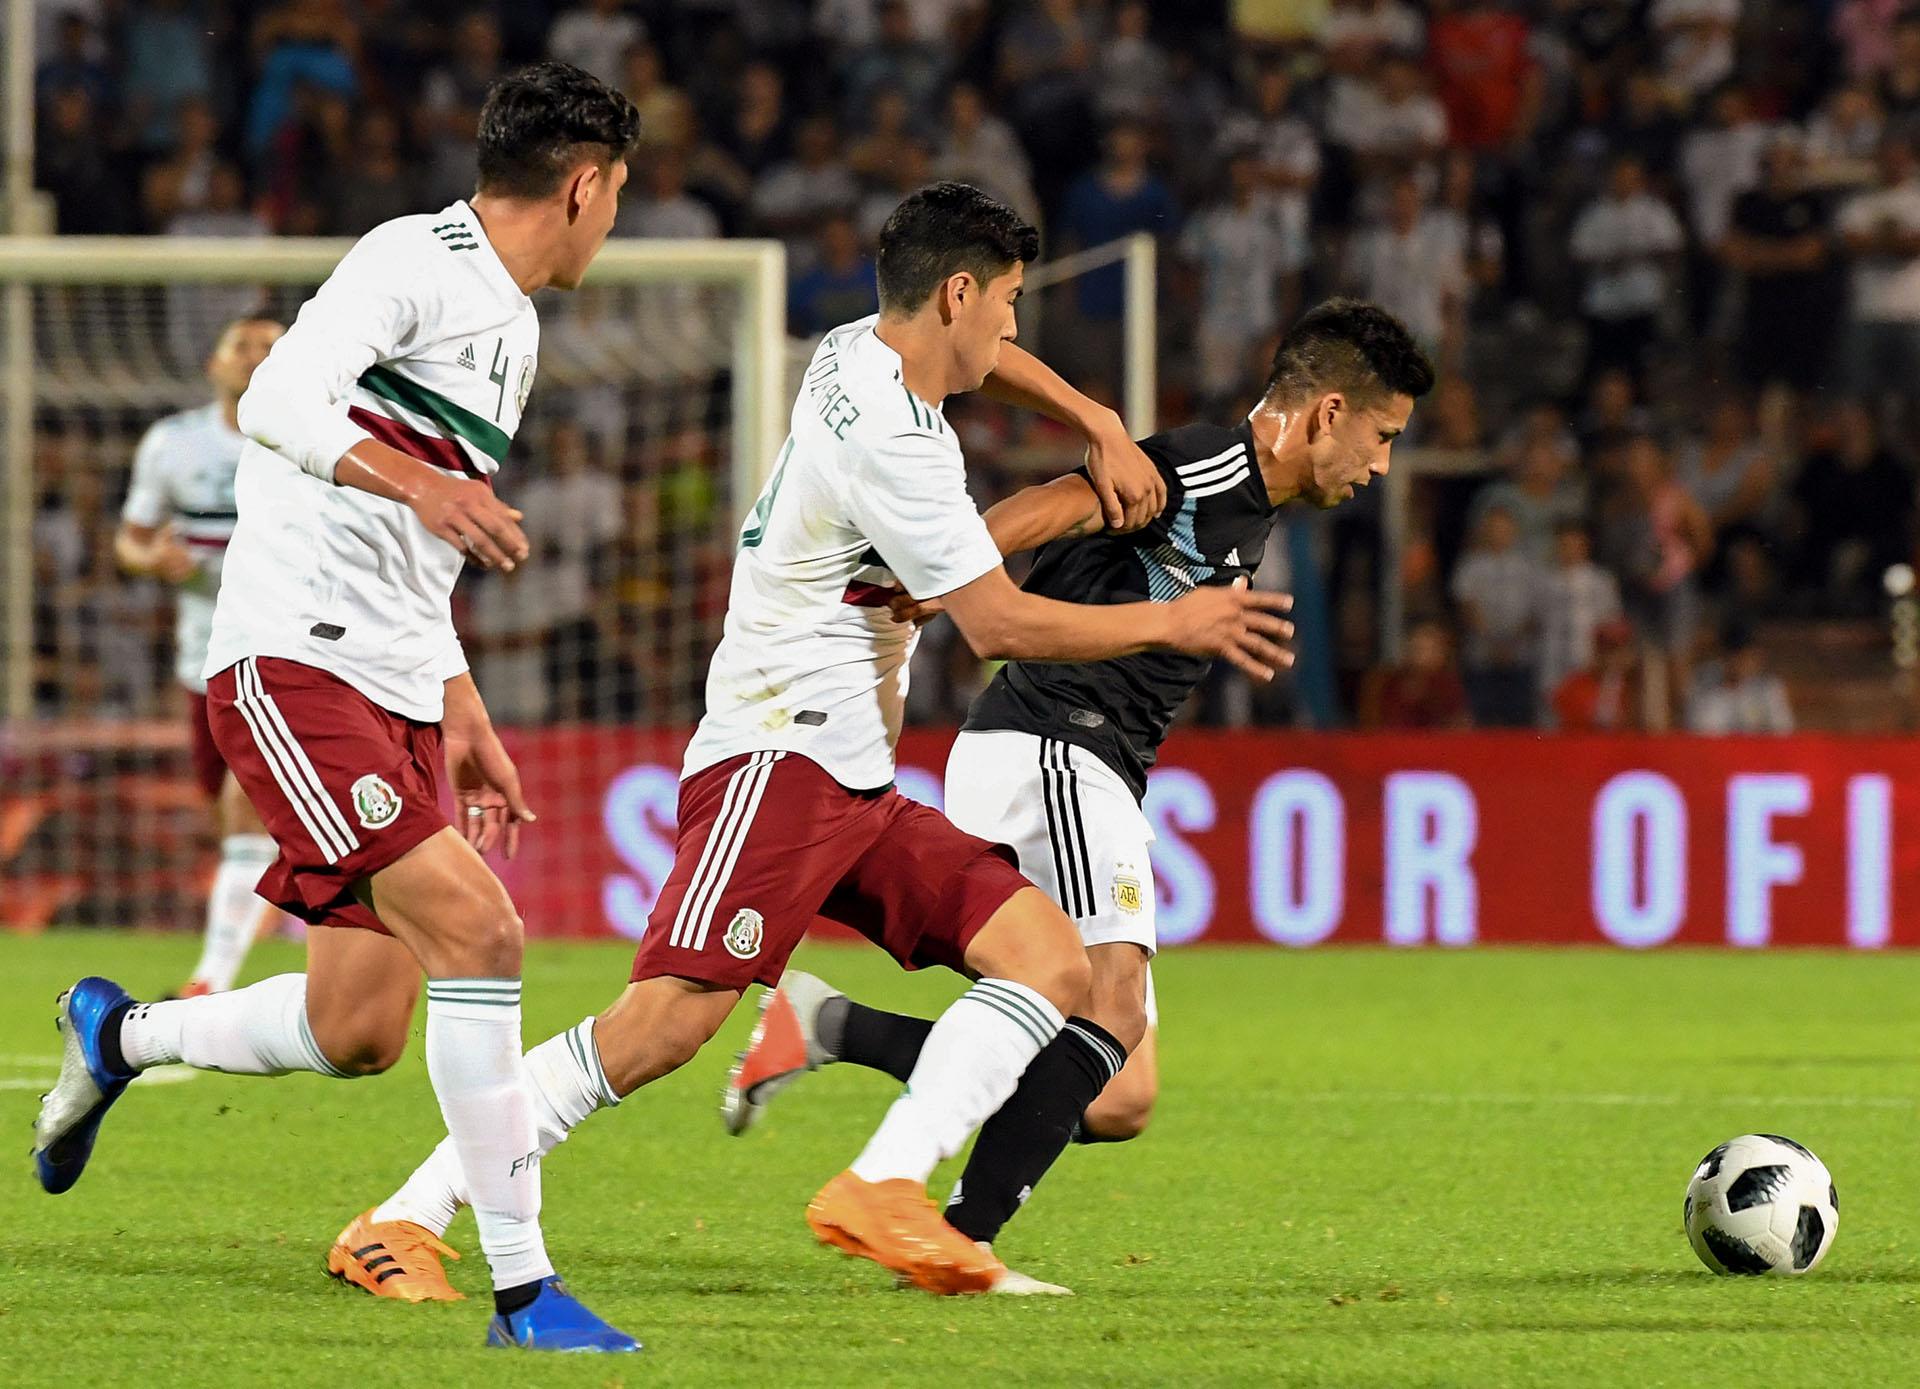 Desde las tribunas advirtieron el bajón y comenzaron a pedir con insistencia a Paulo Dybala. Cuando el DT juntó a Giovani Lo Celso y a Leandro Paredes, Argentina recuperó la pelota (Telam)